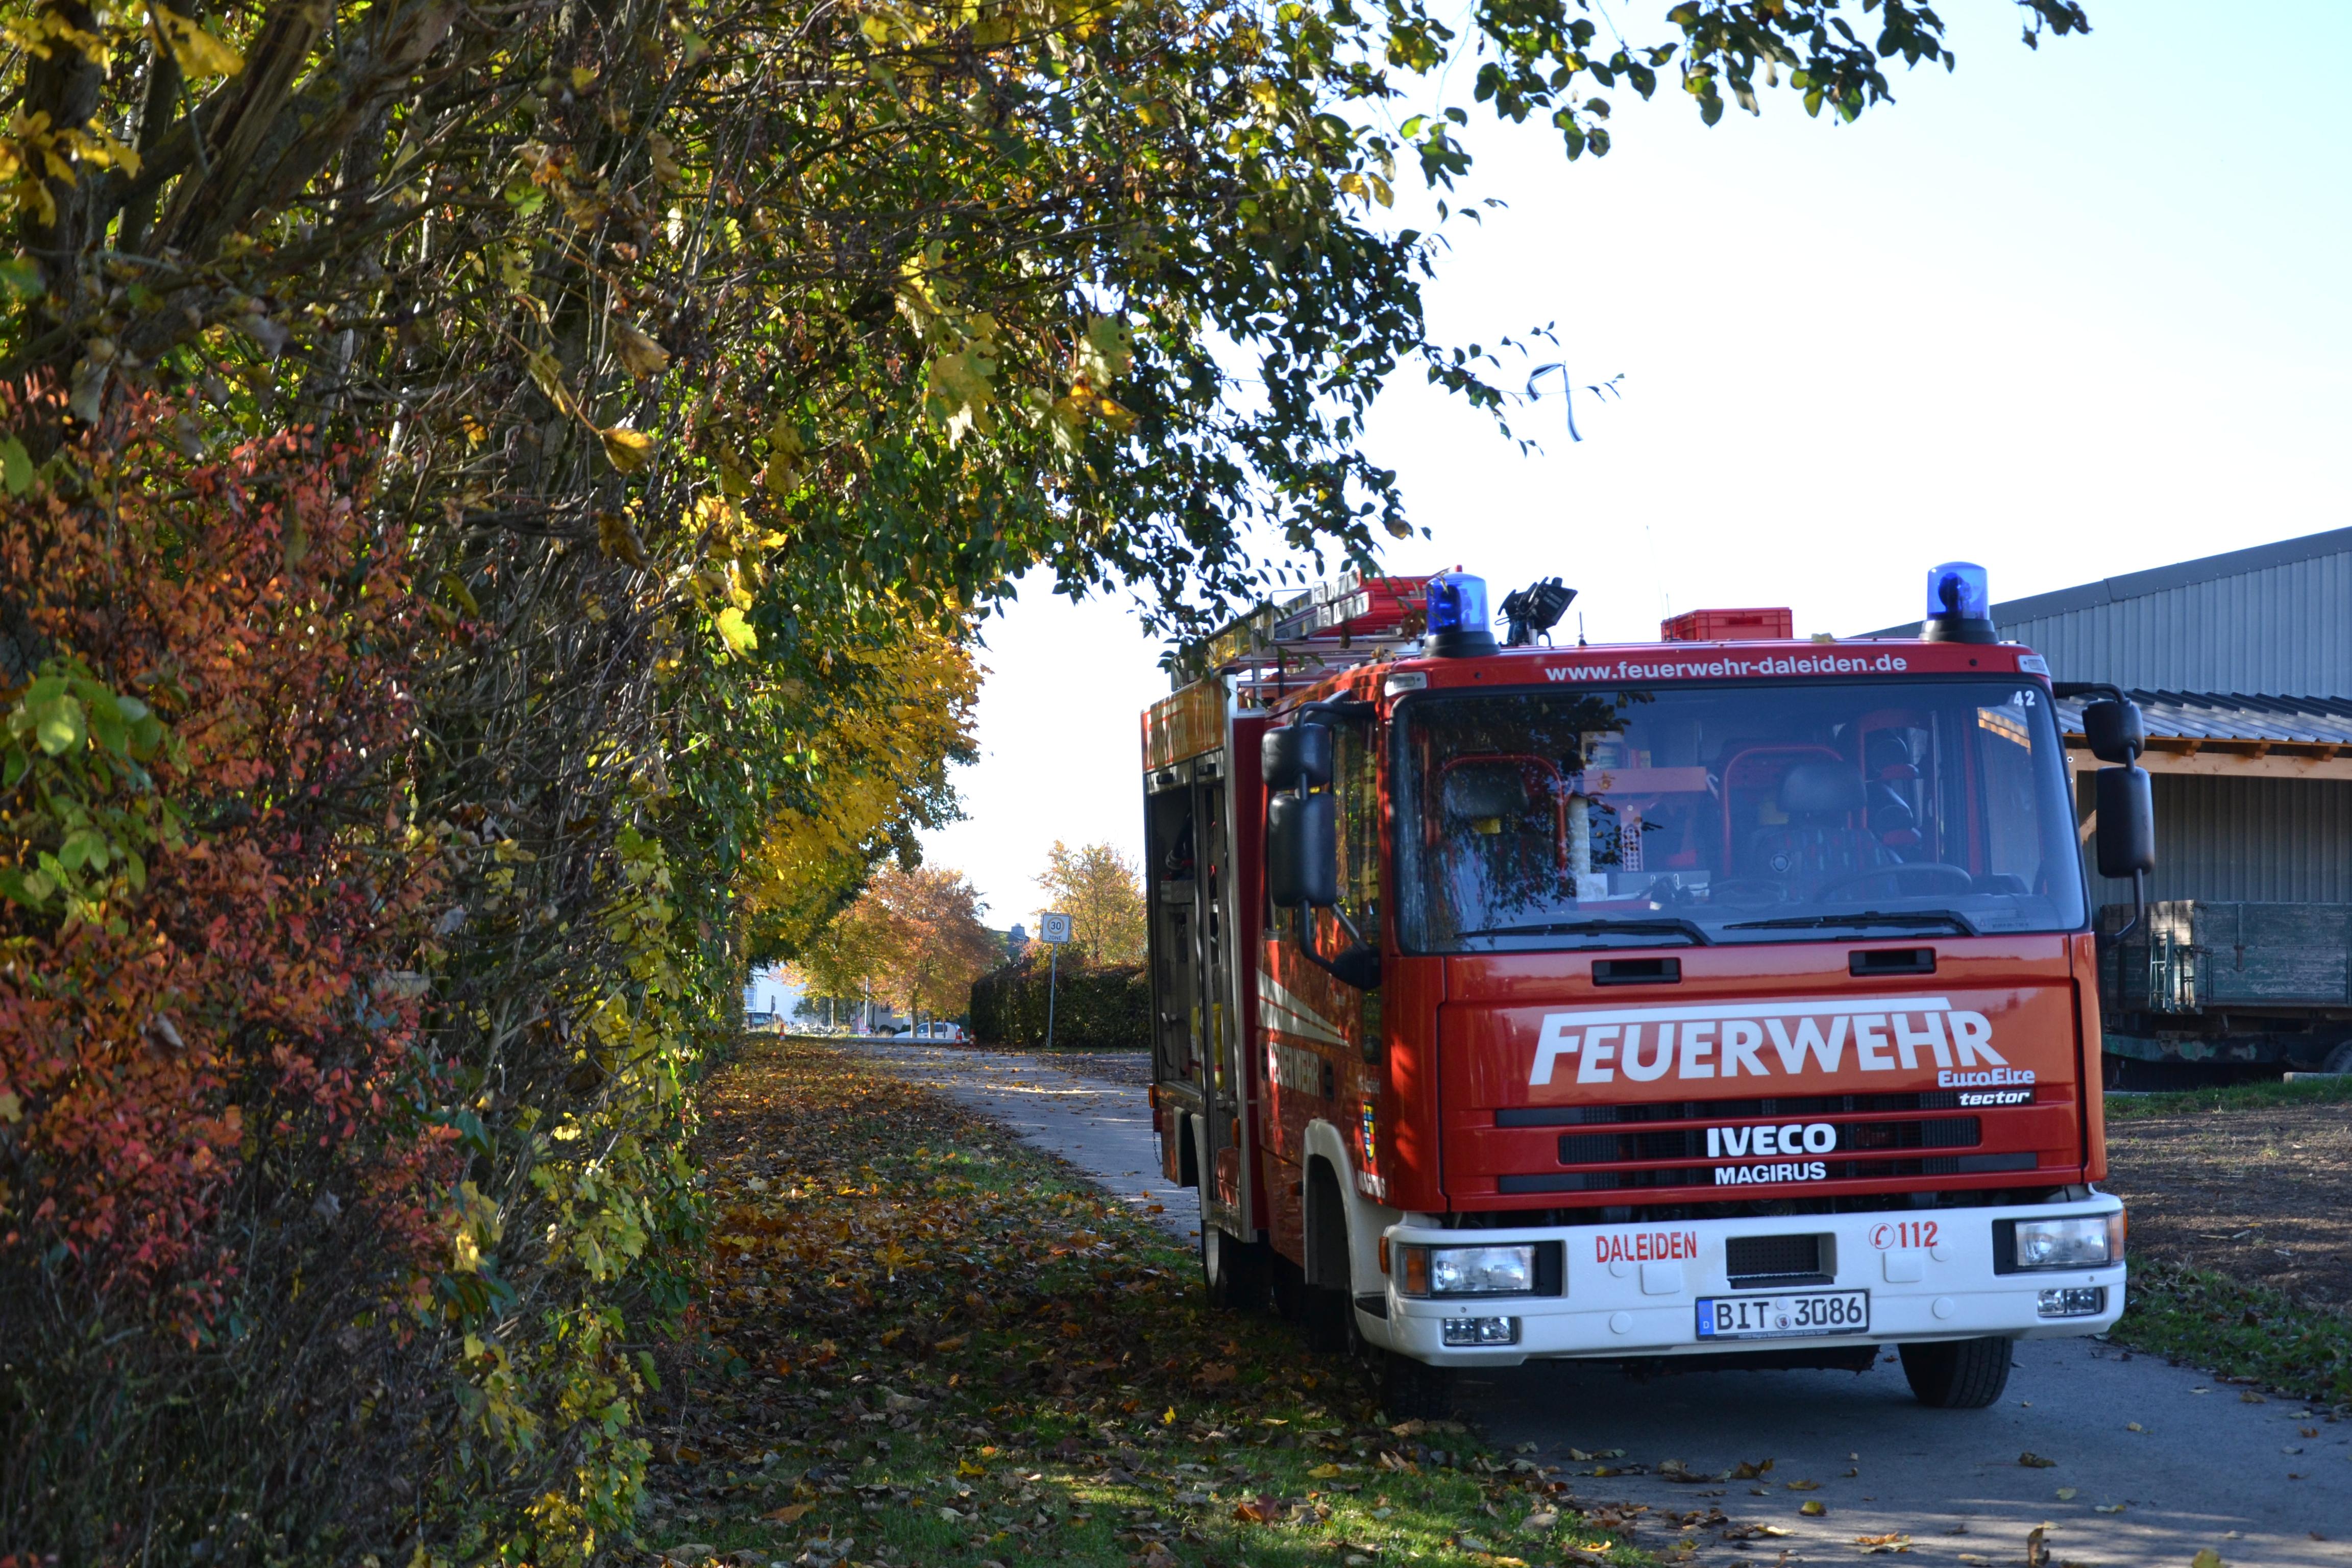 Feuerwehr Daleiden (4)